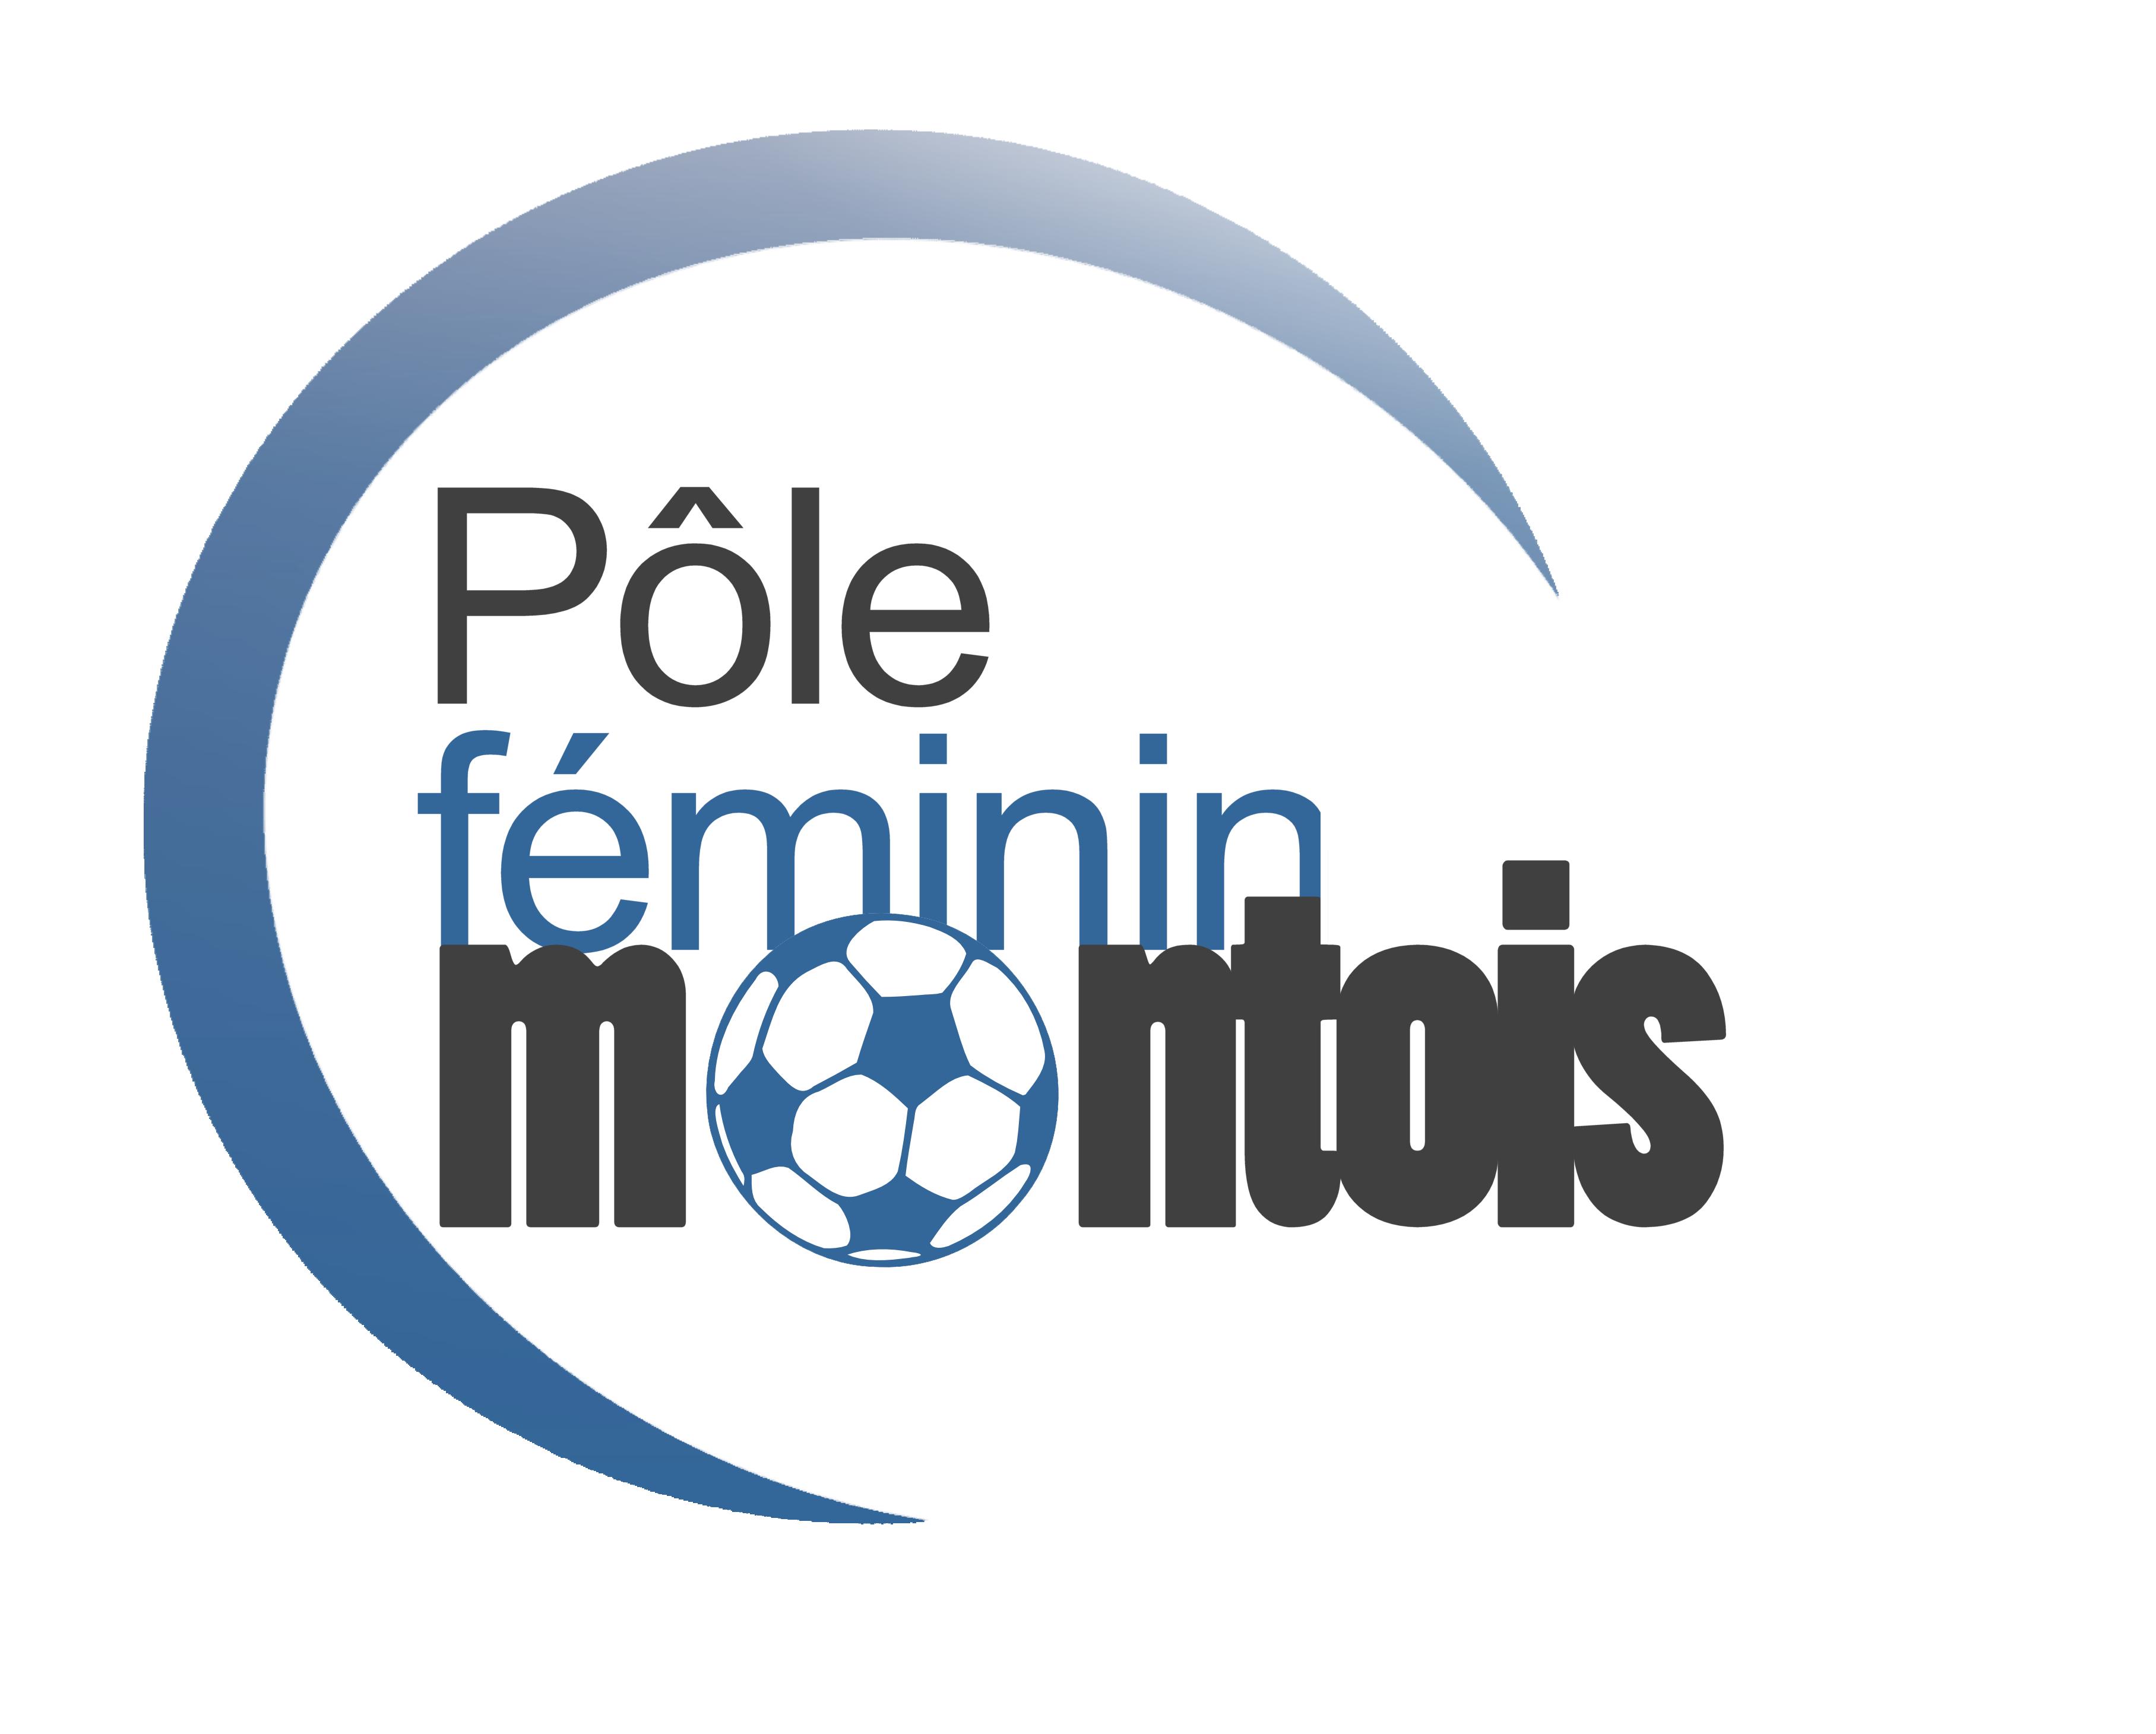 LogoV2_pole_fem